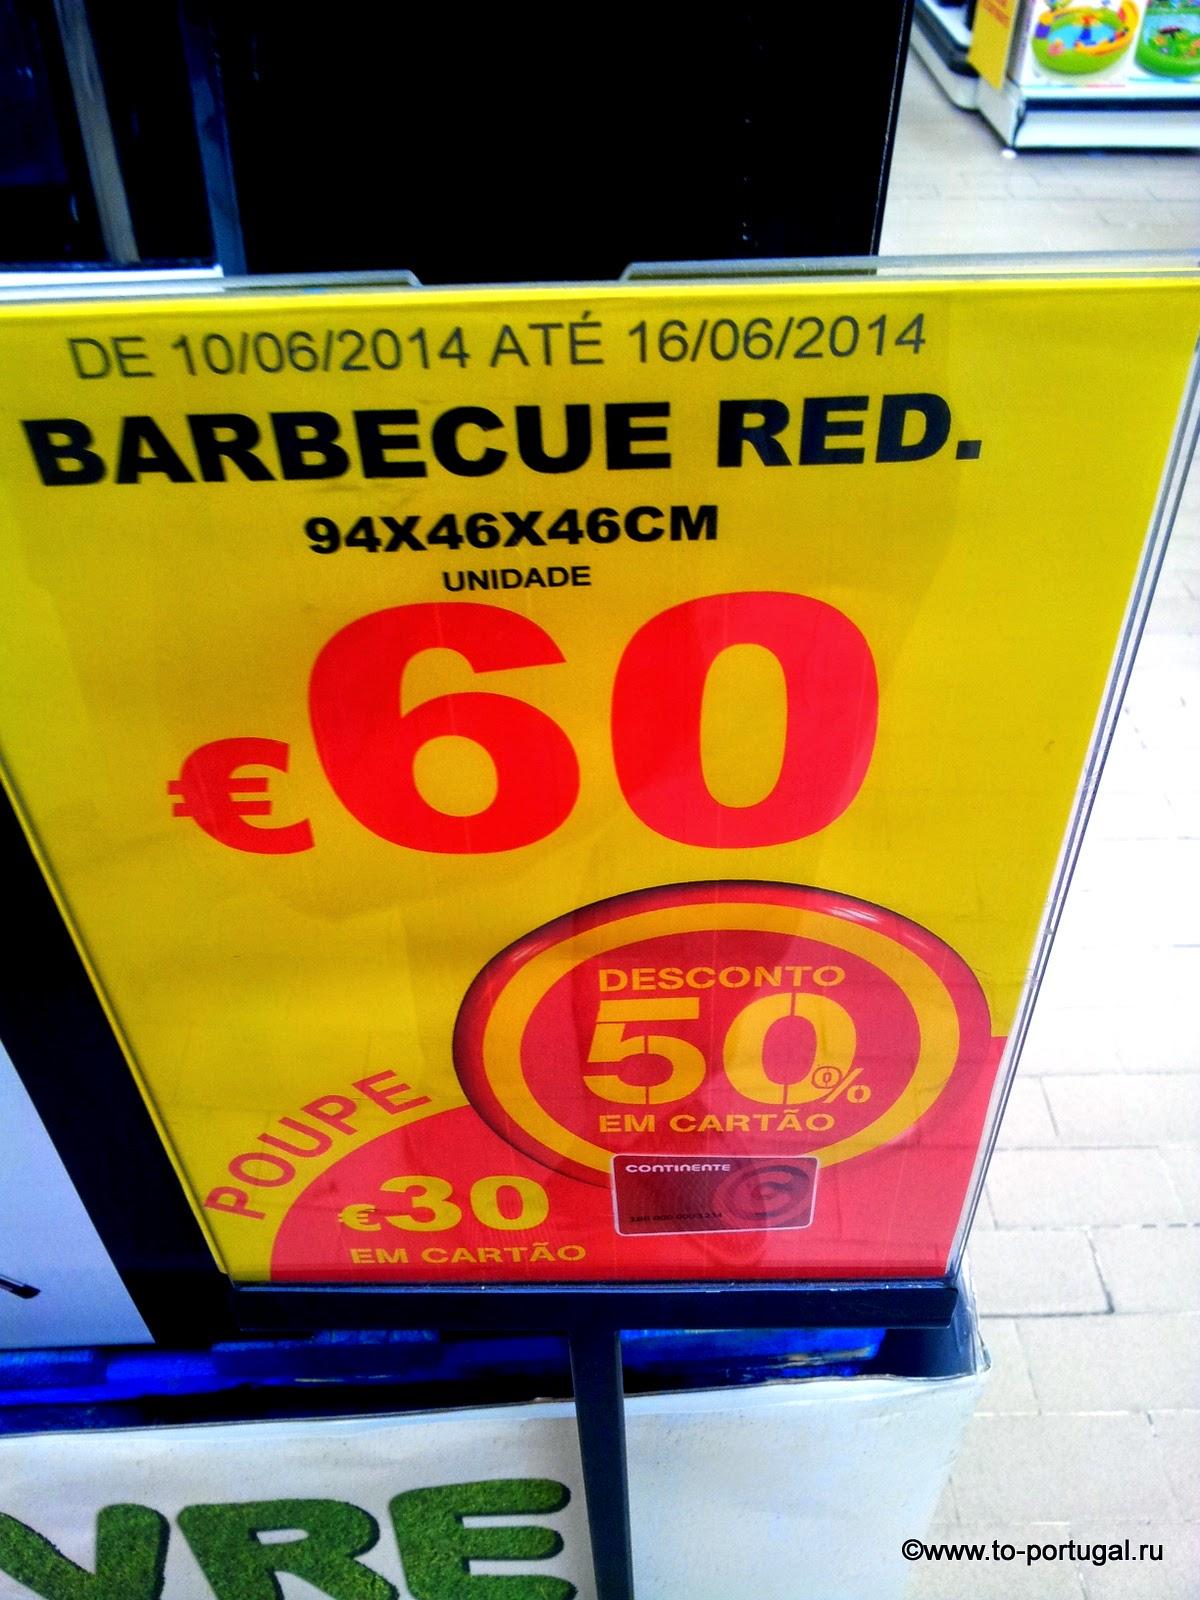 цены на товары в Португалии